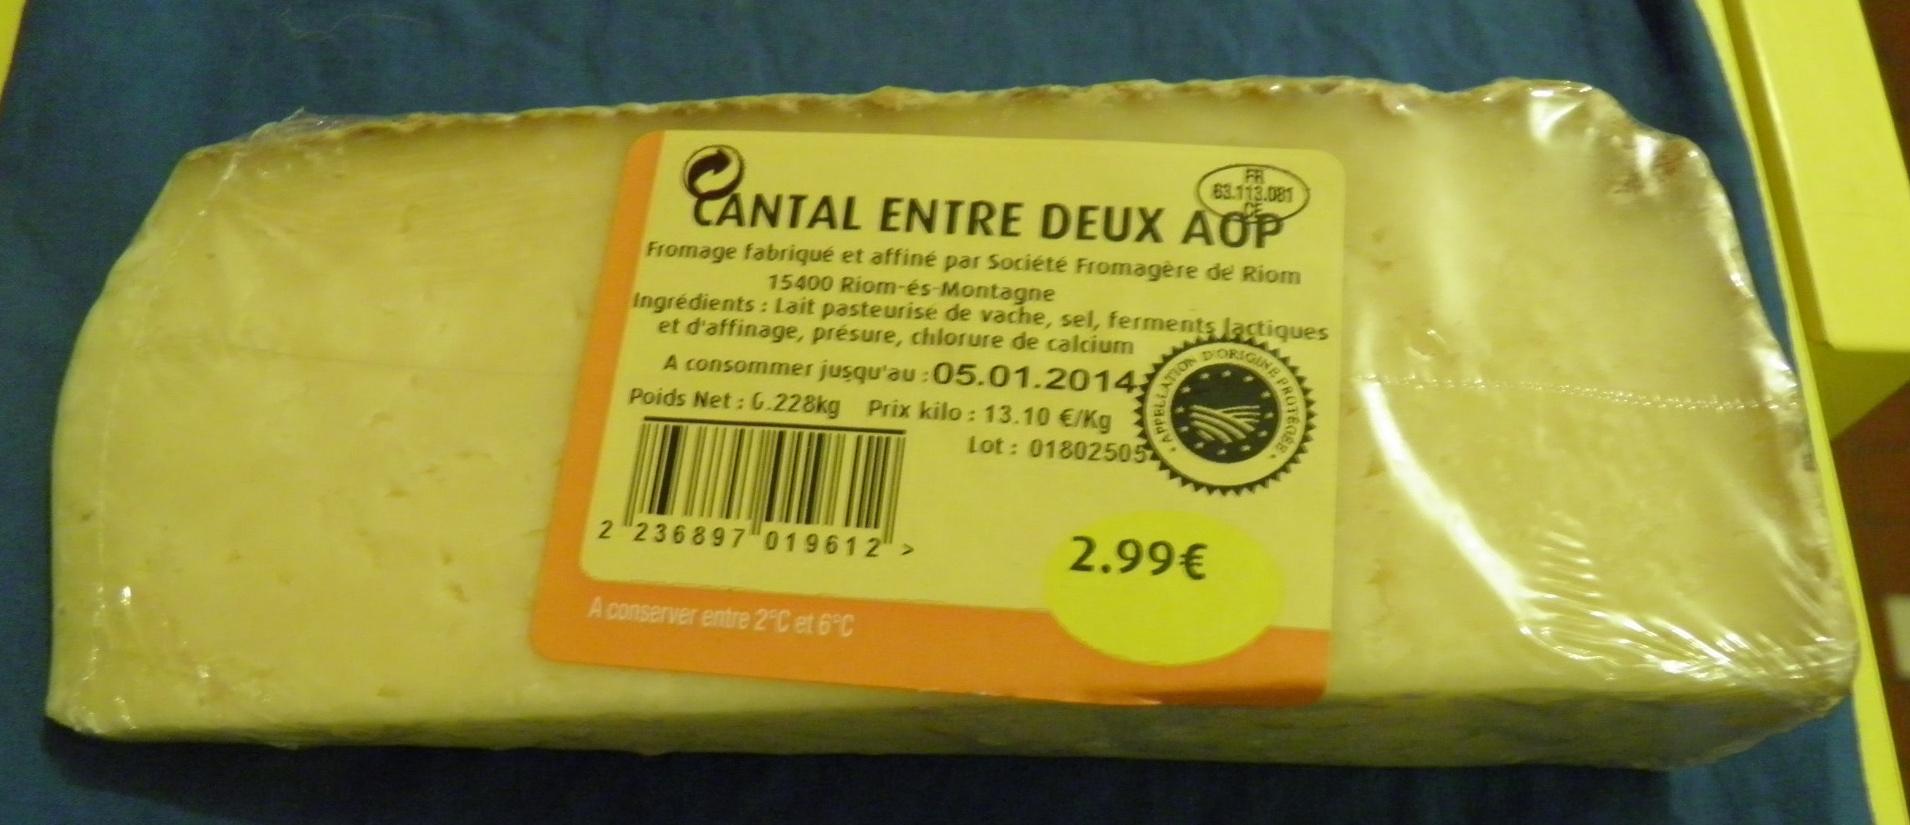 Cantal Entre Deux AOP - Produit - fr